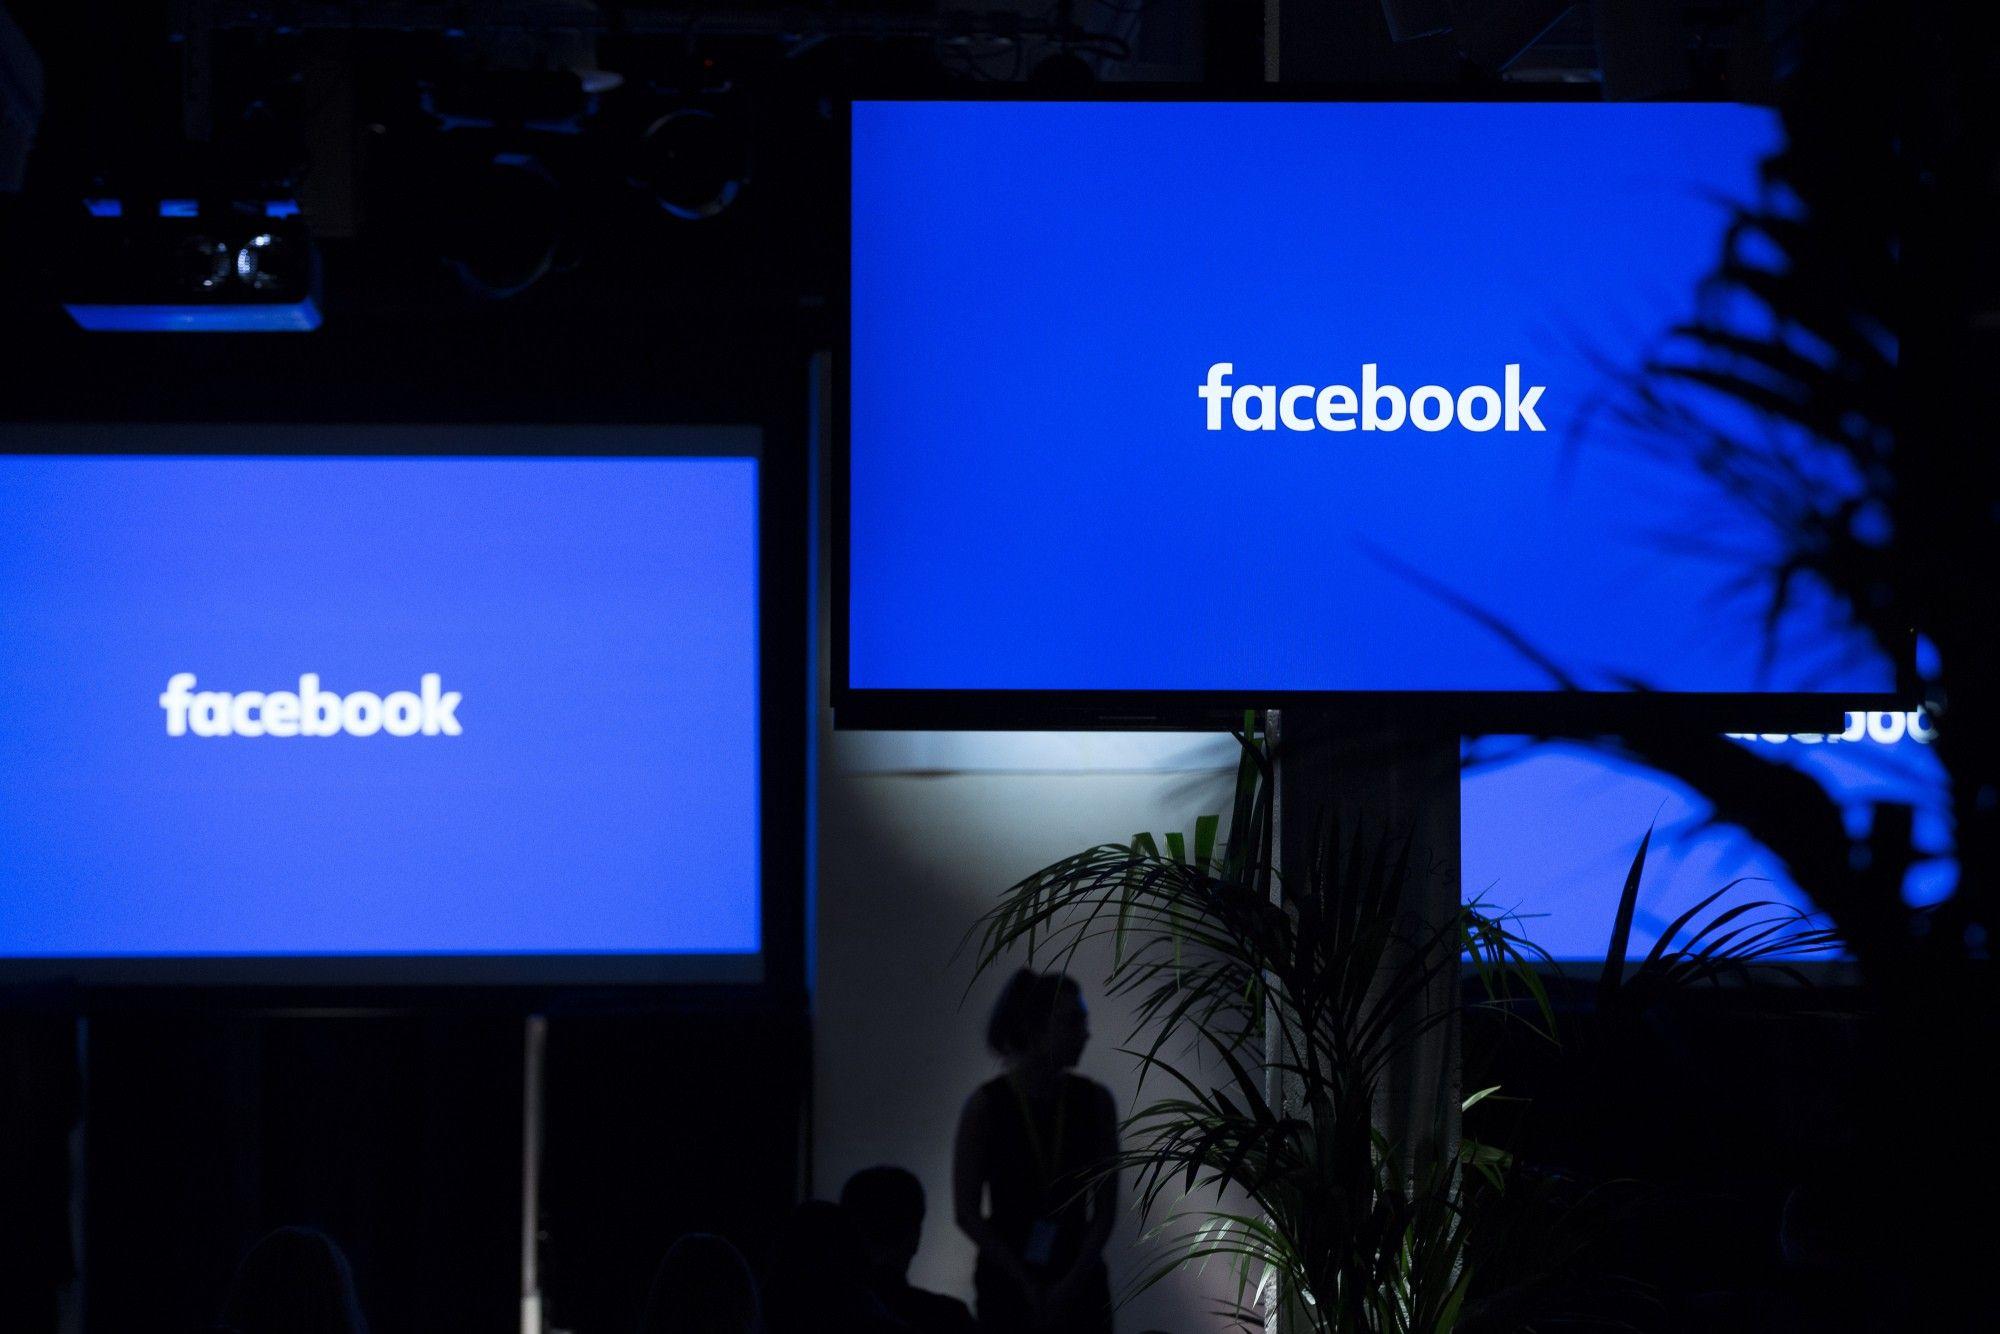 Facebook espera fallo de la Justicia alemana por uso de datos personales